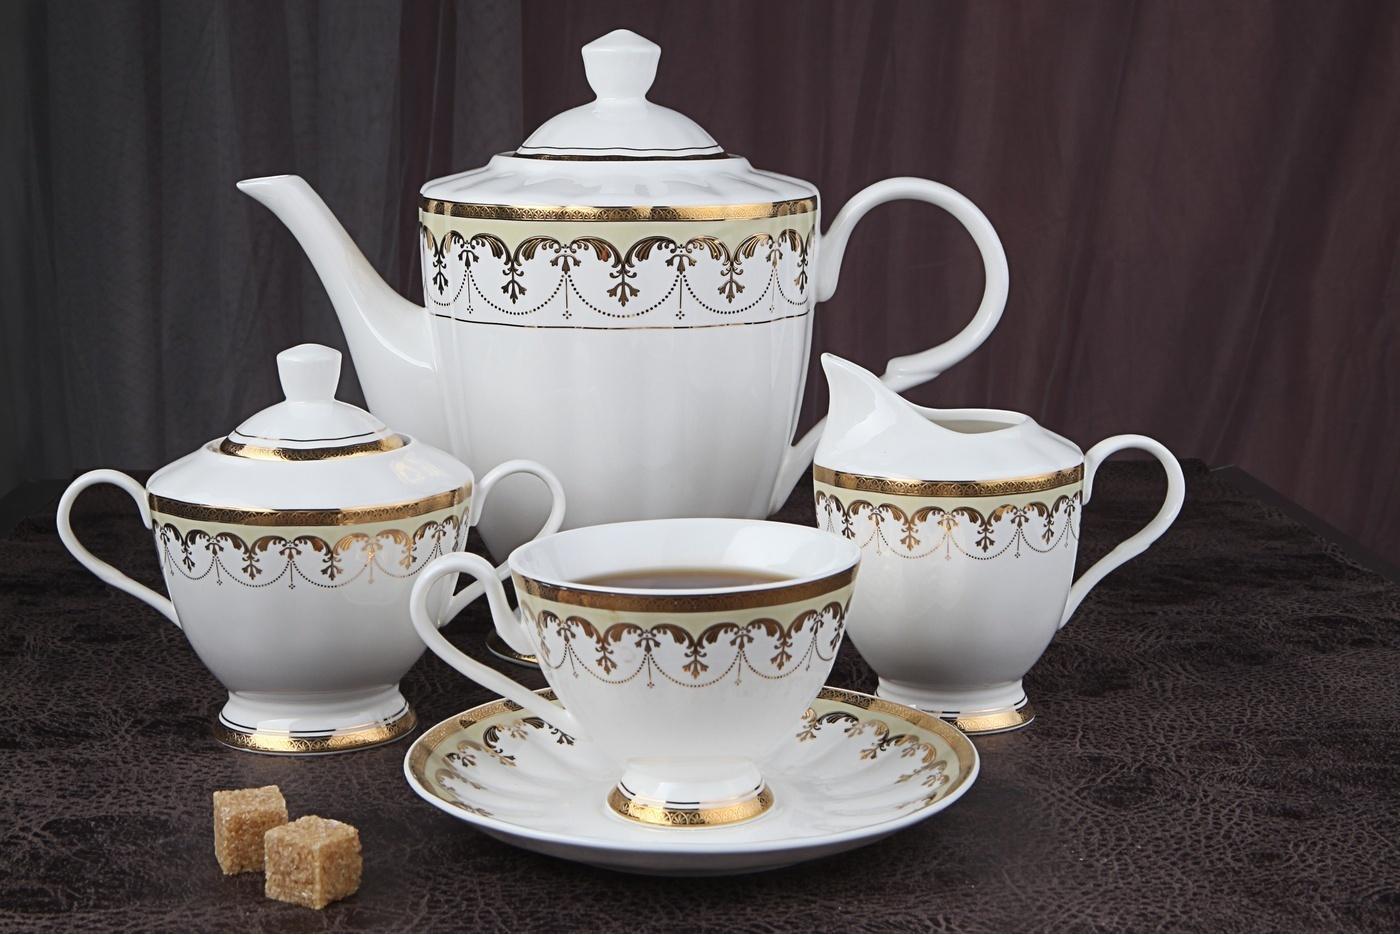 Чайный сервиз Royal Aurel Империал арт.131, 15 предметовЧайные сервизы<br>Чайный сервиз Royal Aurel Империал арт.131, 15 предметов<br><br><br><br><br><br><br><br><br><br><br>Чашка 200 мл,6 шт.<br>Блюдце 15 см,6 шт.<br>Чайник 1500 мл<br>Сахарница 350 мл<br><br><br><br><br><br><br><br><br>Молочник 270 мл<br><br><br><br><br><br><br><br><br>Производить посуду из фарфора начали в Китае на стыке 6-7 веков. Неустанно совершенствуя и селективно отбирая сырье для производства посуды из фарфора, мастерам удалось добиться выдающихся характеристик фарфора: белизны и тонкостенности. В XV веке появился особый интерес к китайской фарфоровой посуде, так как в это время Европе возникла мода на самобытные китайские вещи. Роскошный китайский фарфор являлся изыском и был в новинку, поэтому он выступал в качестве подарка королям, а также знатным людям. Такой дорогой подарок был очень престижен и по праву являлся элитной посудой. Как известно из многочисленных исторических документов, в Европе китайские изделия из фарфора ценились практически как золото. <br>Проверка изделий из костяного фарфора на подлинность <br>По сравнению с производством других видов фарфора процесс производства изделий из настоящего костяного фарфора сложен и весьма длителен. Посуда из изящного фарфора - это элитная посуда, которая всегда ассоциируется с богатством, величием и благородством. Несмотря на небольшую толщину, фарфоровая посуда - это очень прочное изделие. Для демонстрации плотности и прочности фарфора можно легко коснуться предметов посуды из фарфора деревянной палочкой, и тогда мы услушим характерный металлический звон. В составе фарфоровой посуды присутствует костяная зола, благодаря чему она может быть намного тоньше (не более 2,5 мм) и легче твердого или мягкого фарфора. Безупречная белизна - ключевой признак отличия такого фарфора от других. Цвет обычного фарфора сероватый или ближе к голубоватому, а костяной фарфор будет всегда будет молочно-белого цвета. Характерная и немаловажная деталь - это н